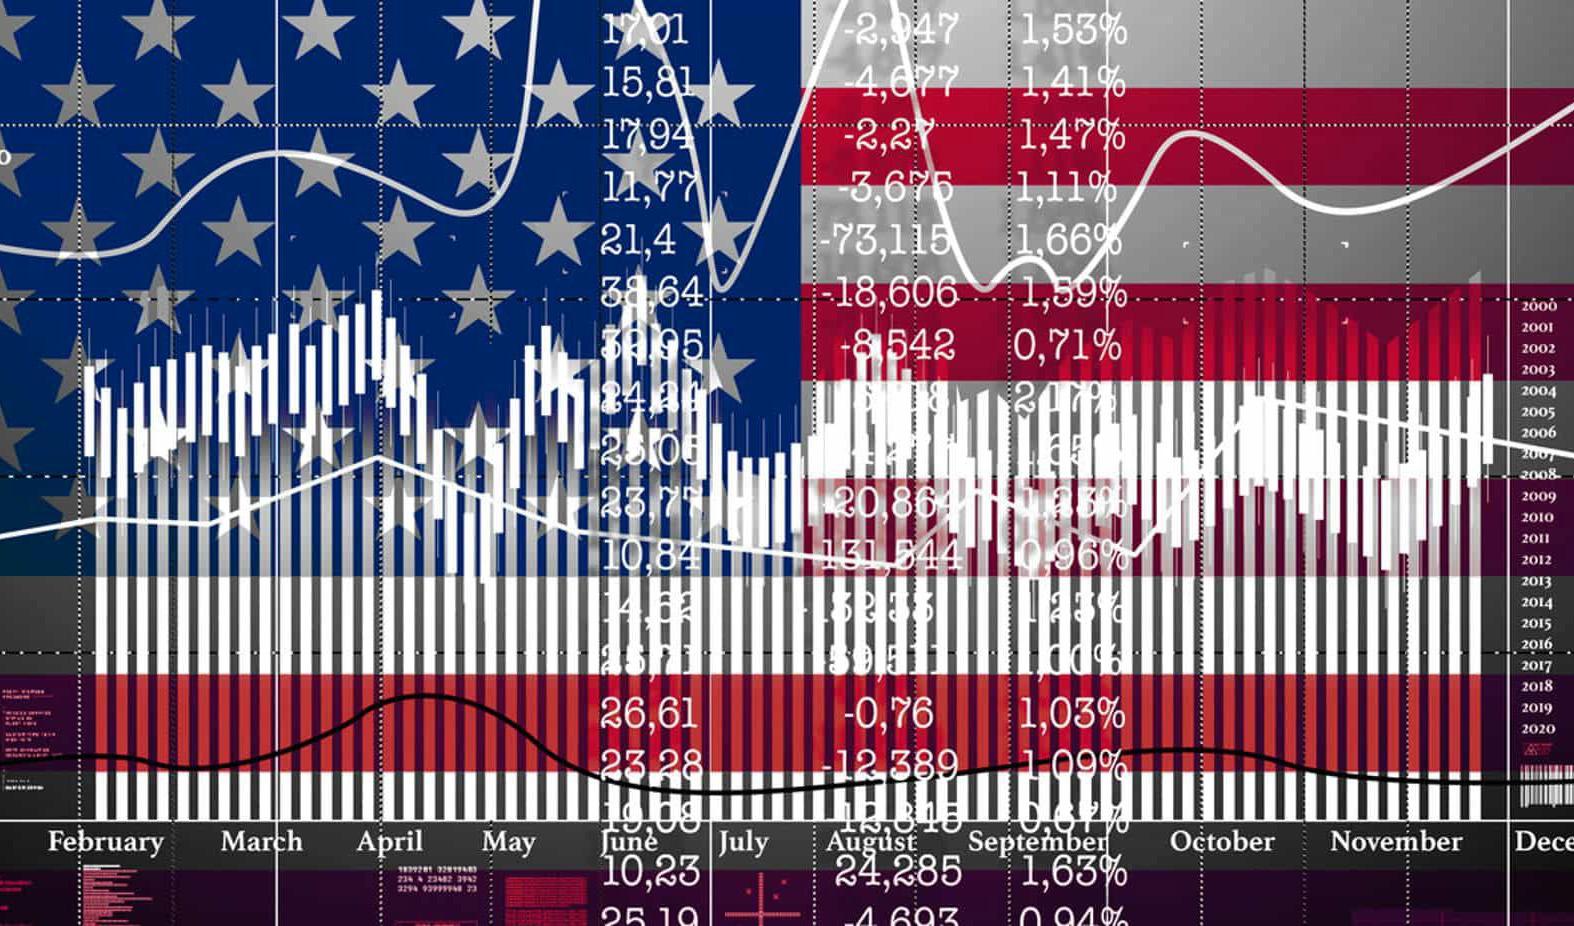 مقایسه اندازه اقتصاد آمریکا با دیگر کشورها